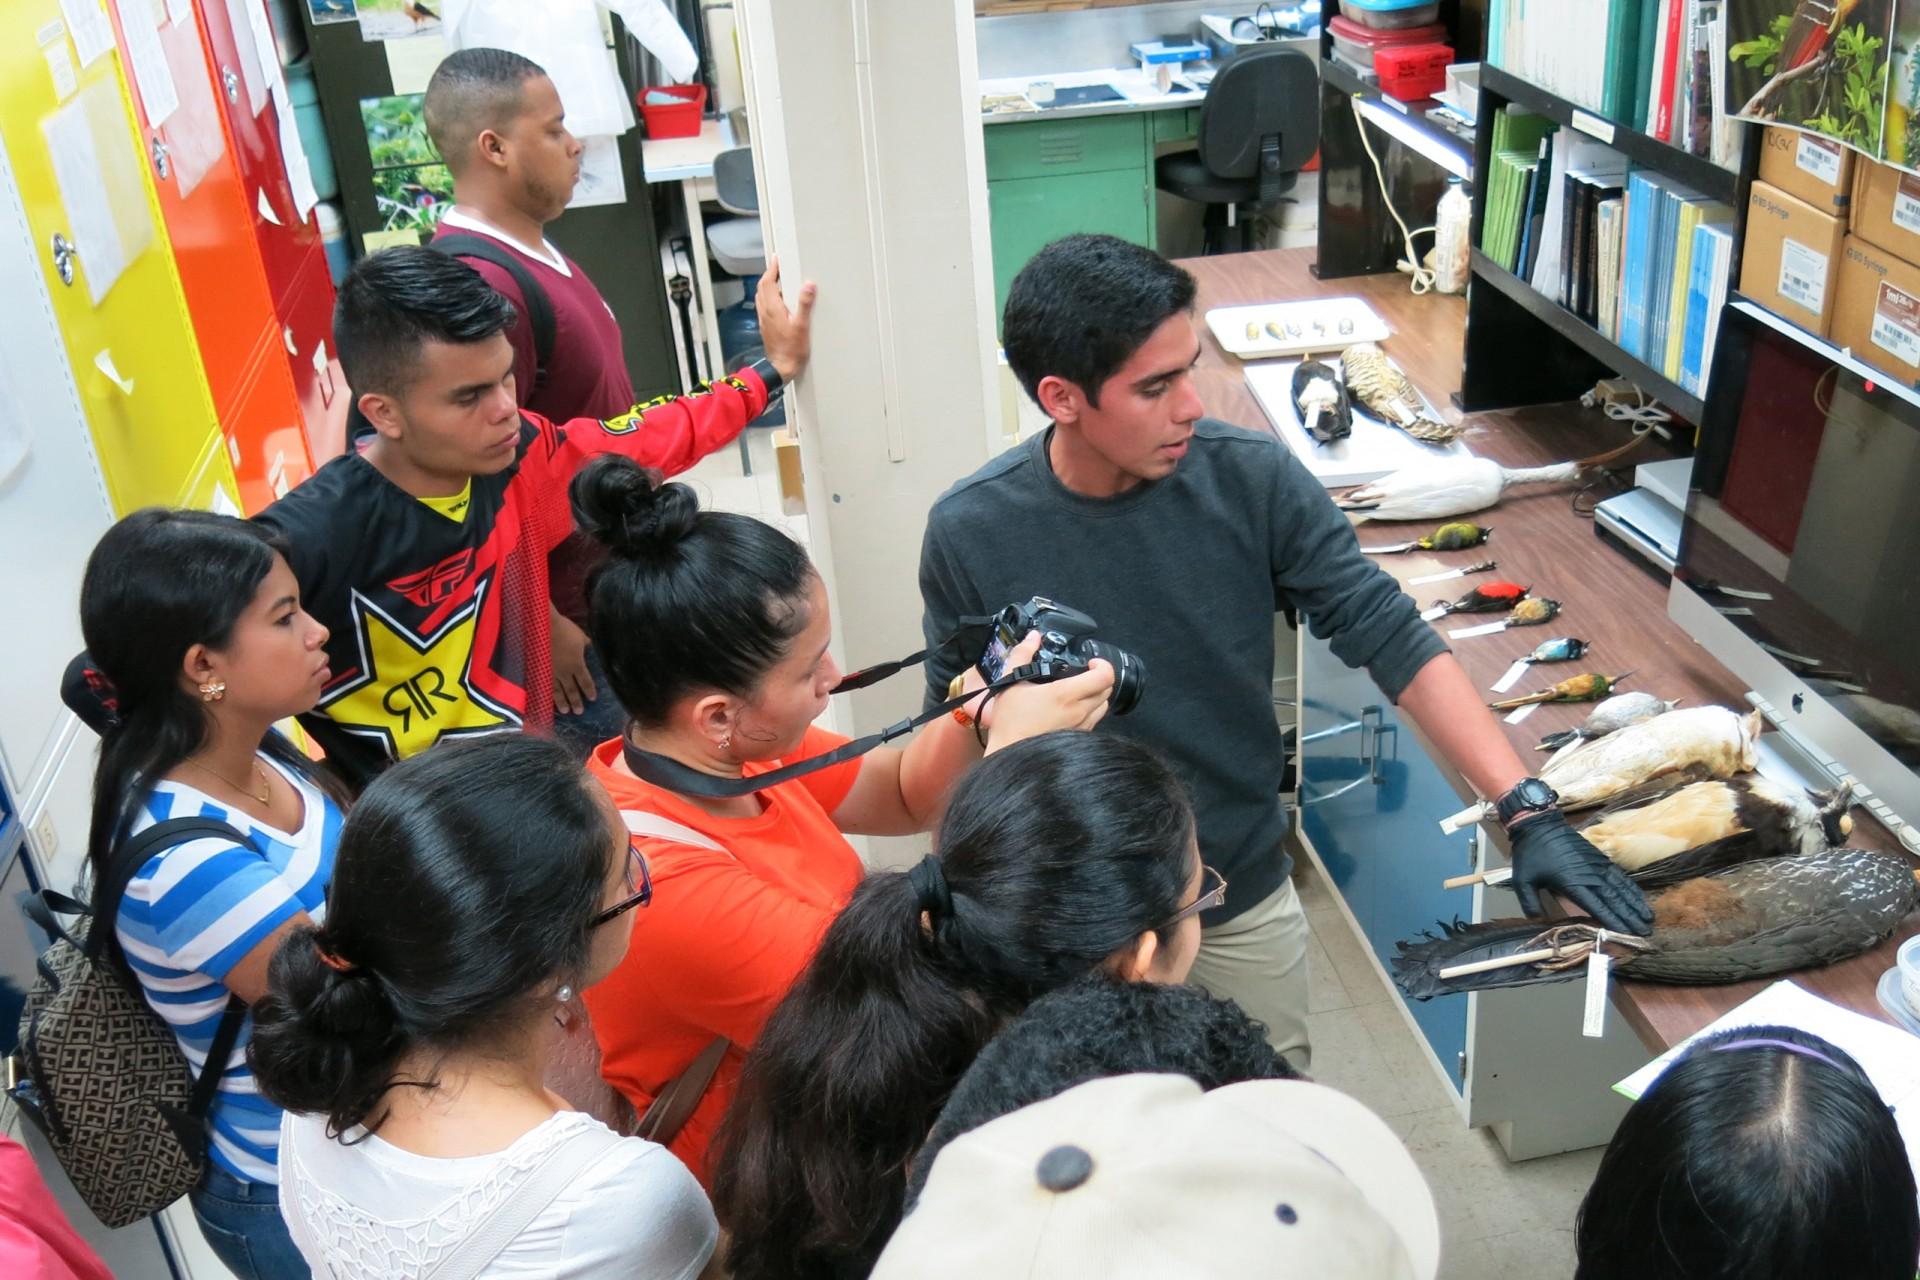 Behind the Scenes at Naos Labs